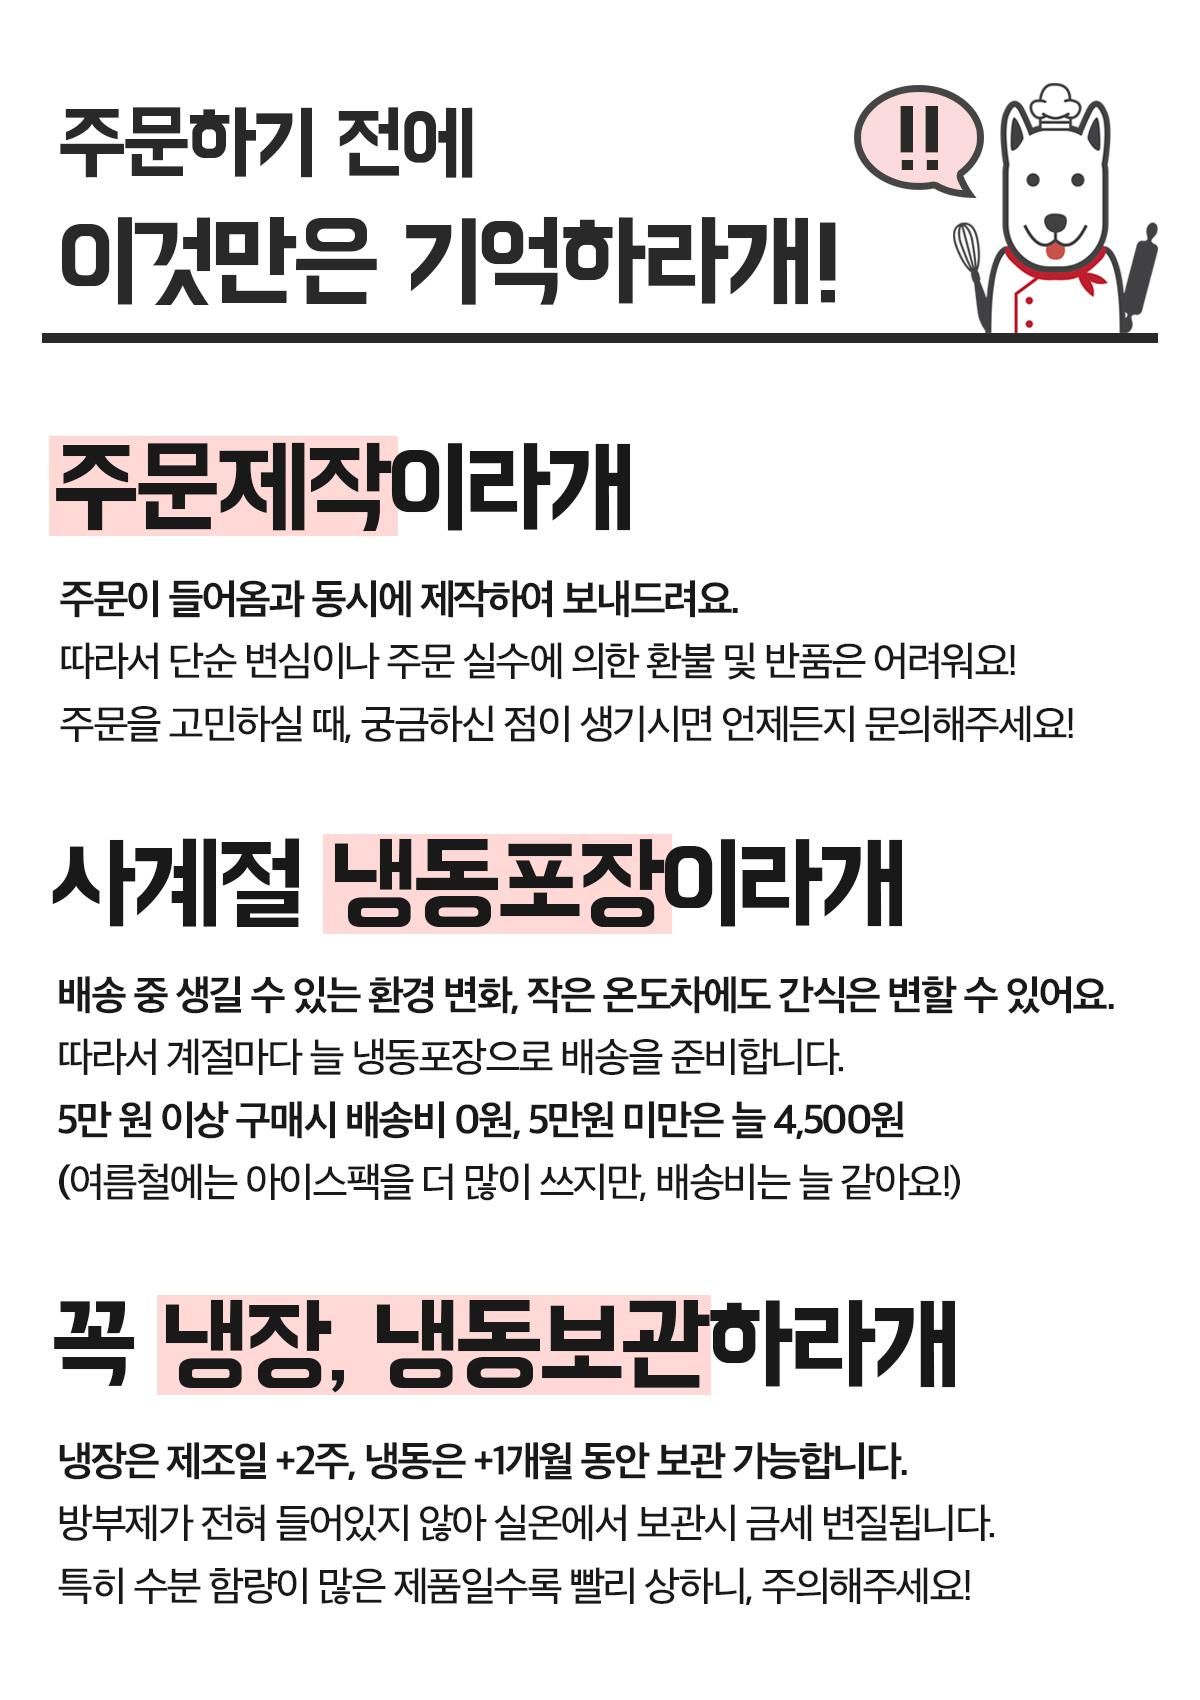 간식먹개 - 강아지 치즈핫도그 - 간식먹개, 2,500원, 간식/영양제, 수제간식